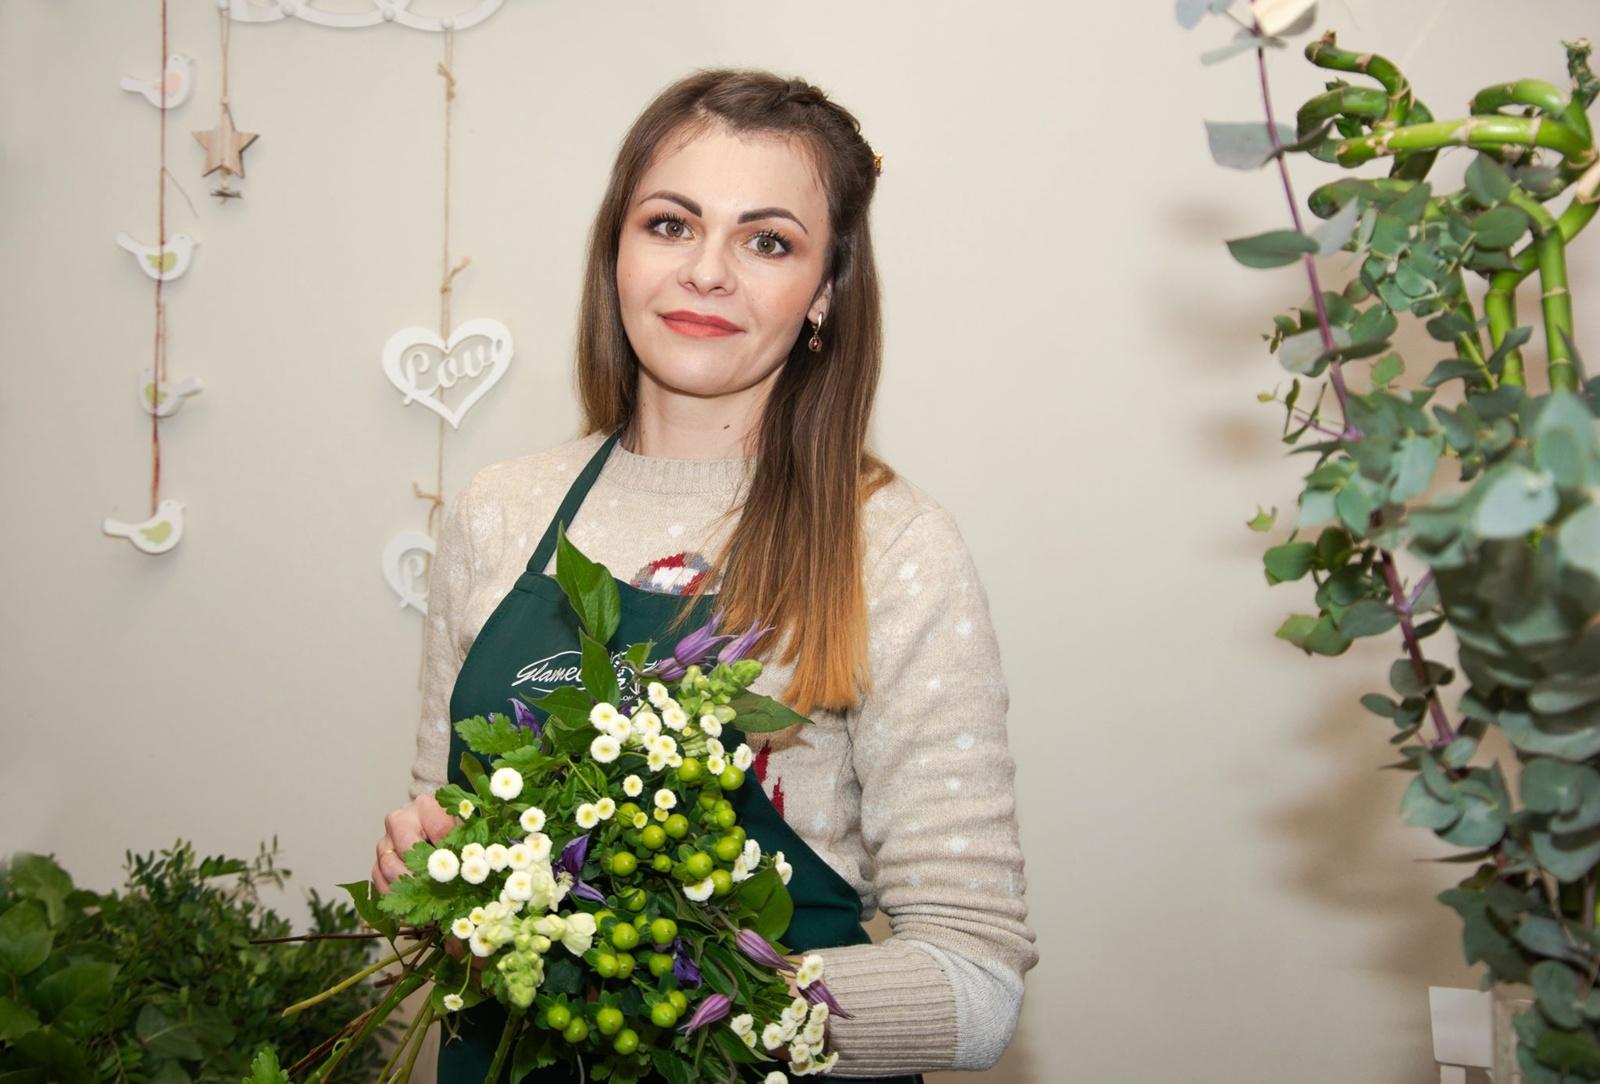 Išradingoji Liudmila Jankoit – savo pašaukimą atradusi floristikoje gėrį skleidžia kitiems